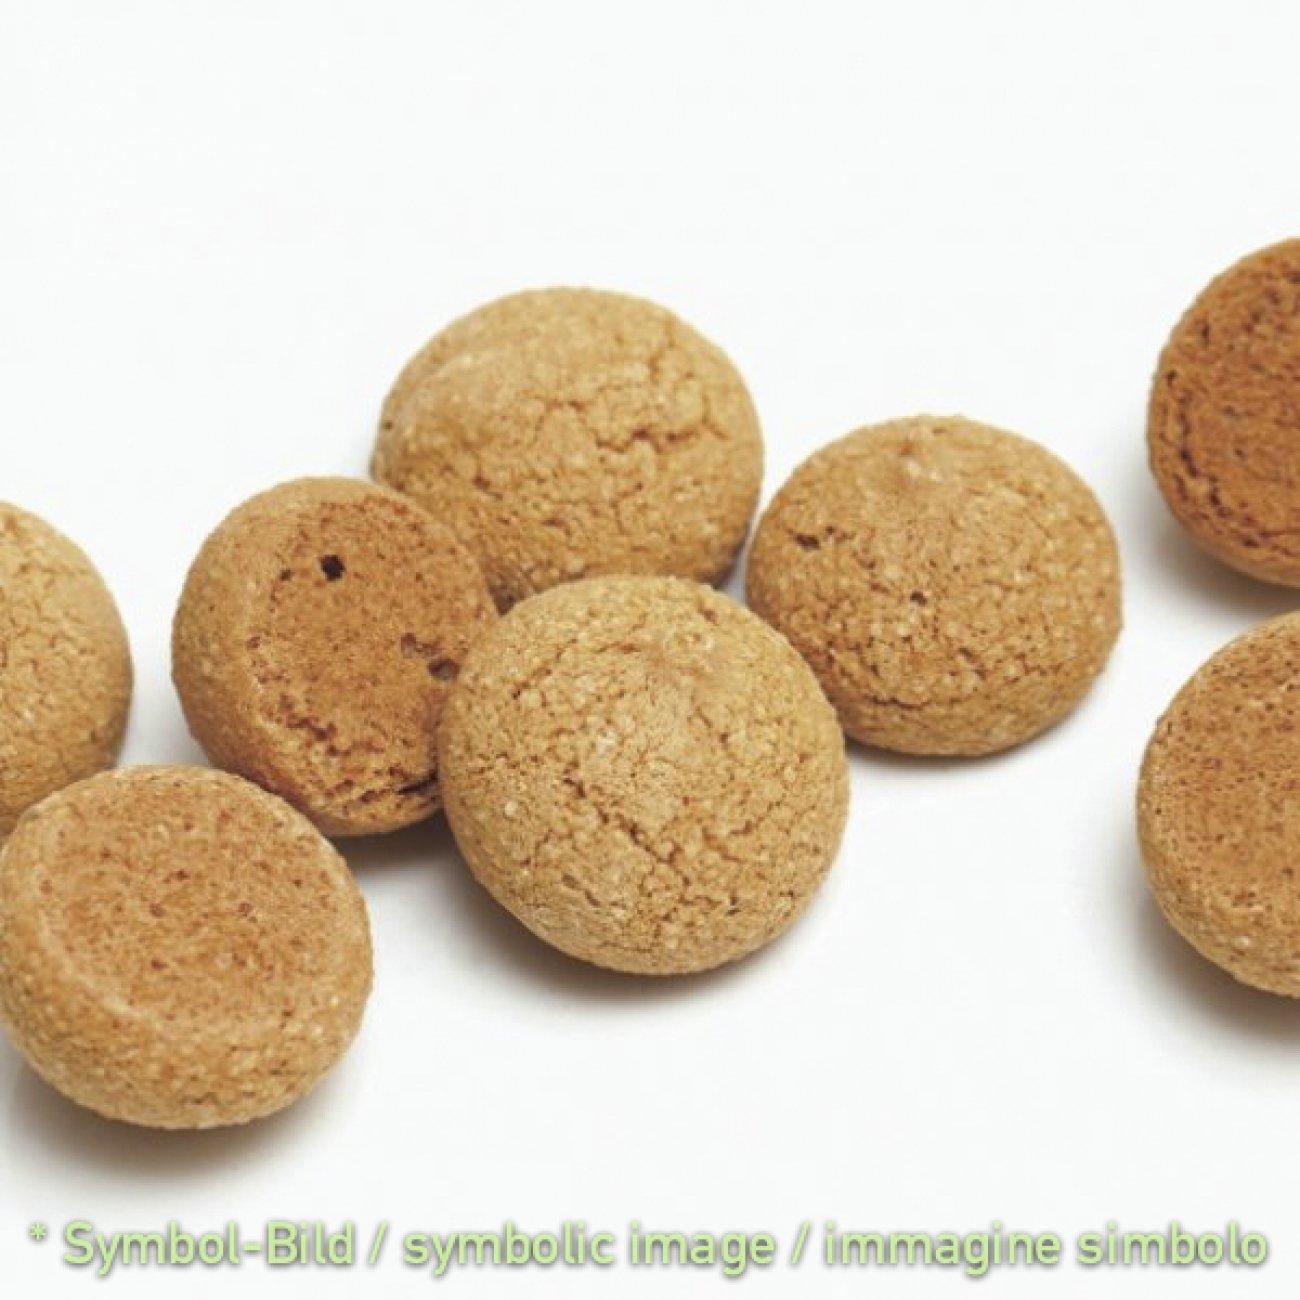 amaretto flour, fine - polvere di amaretto - box 4 kg - Ice cream decoration garnish